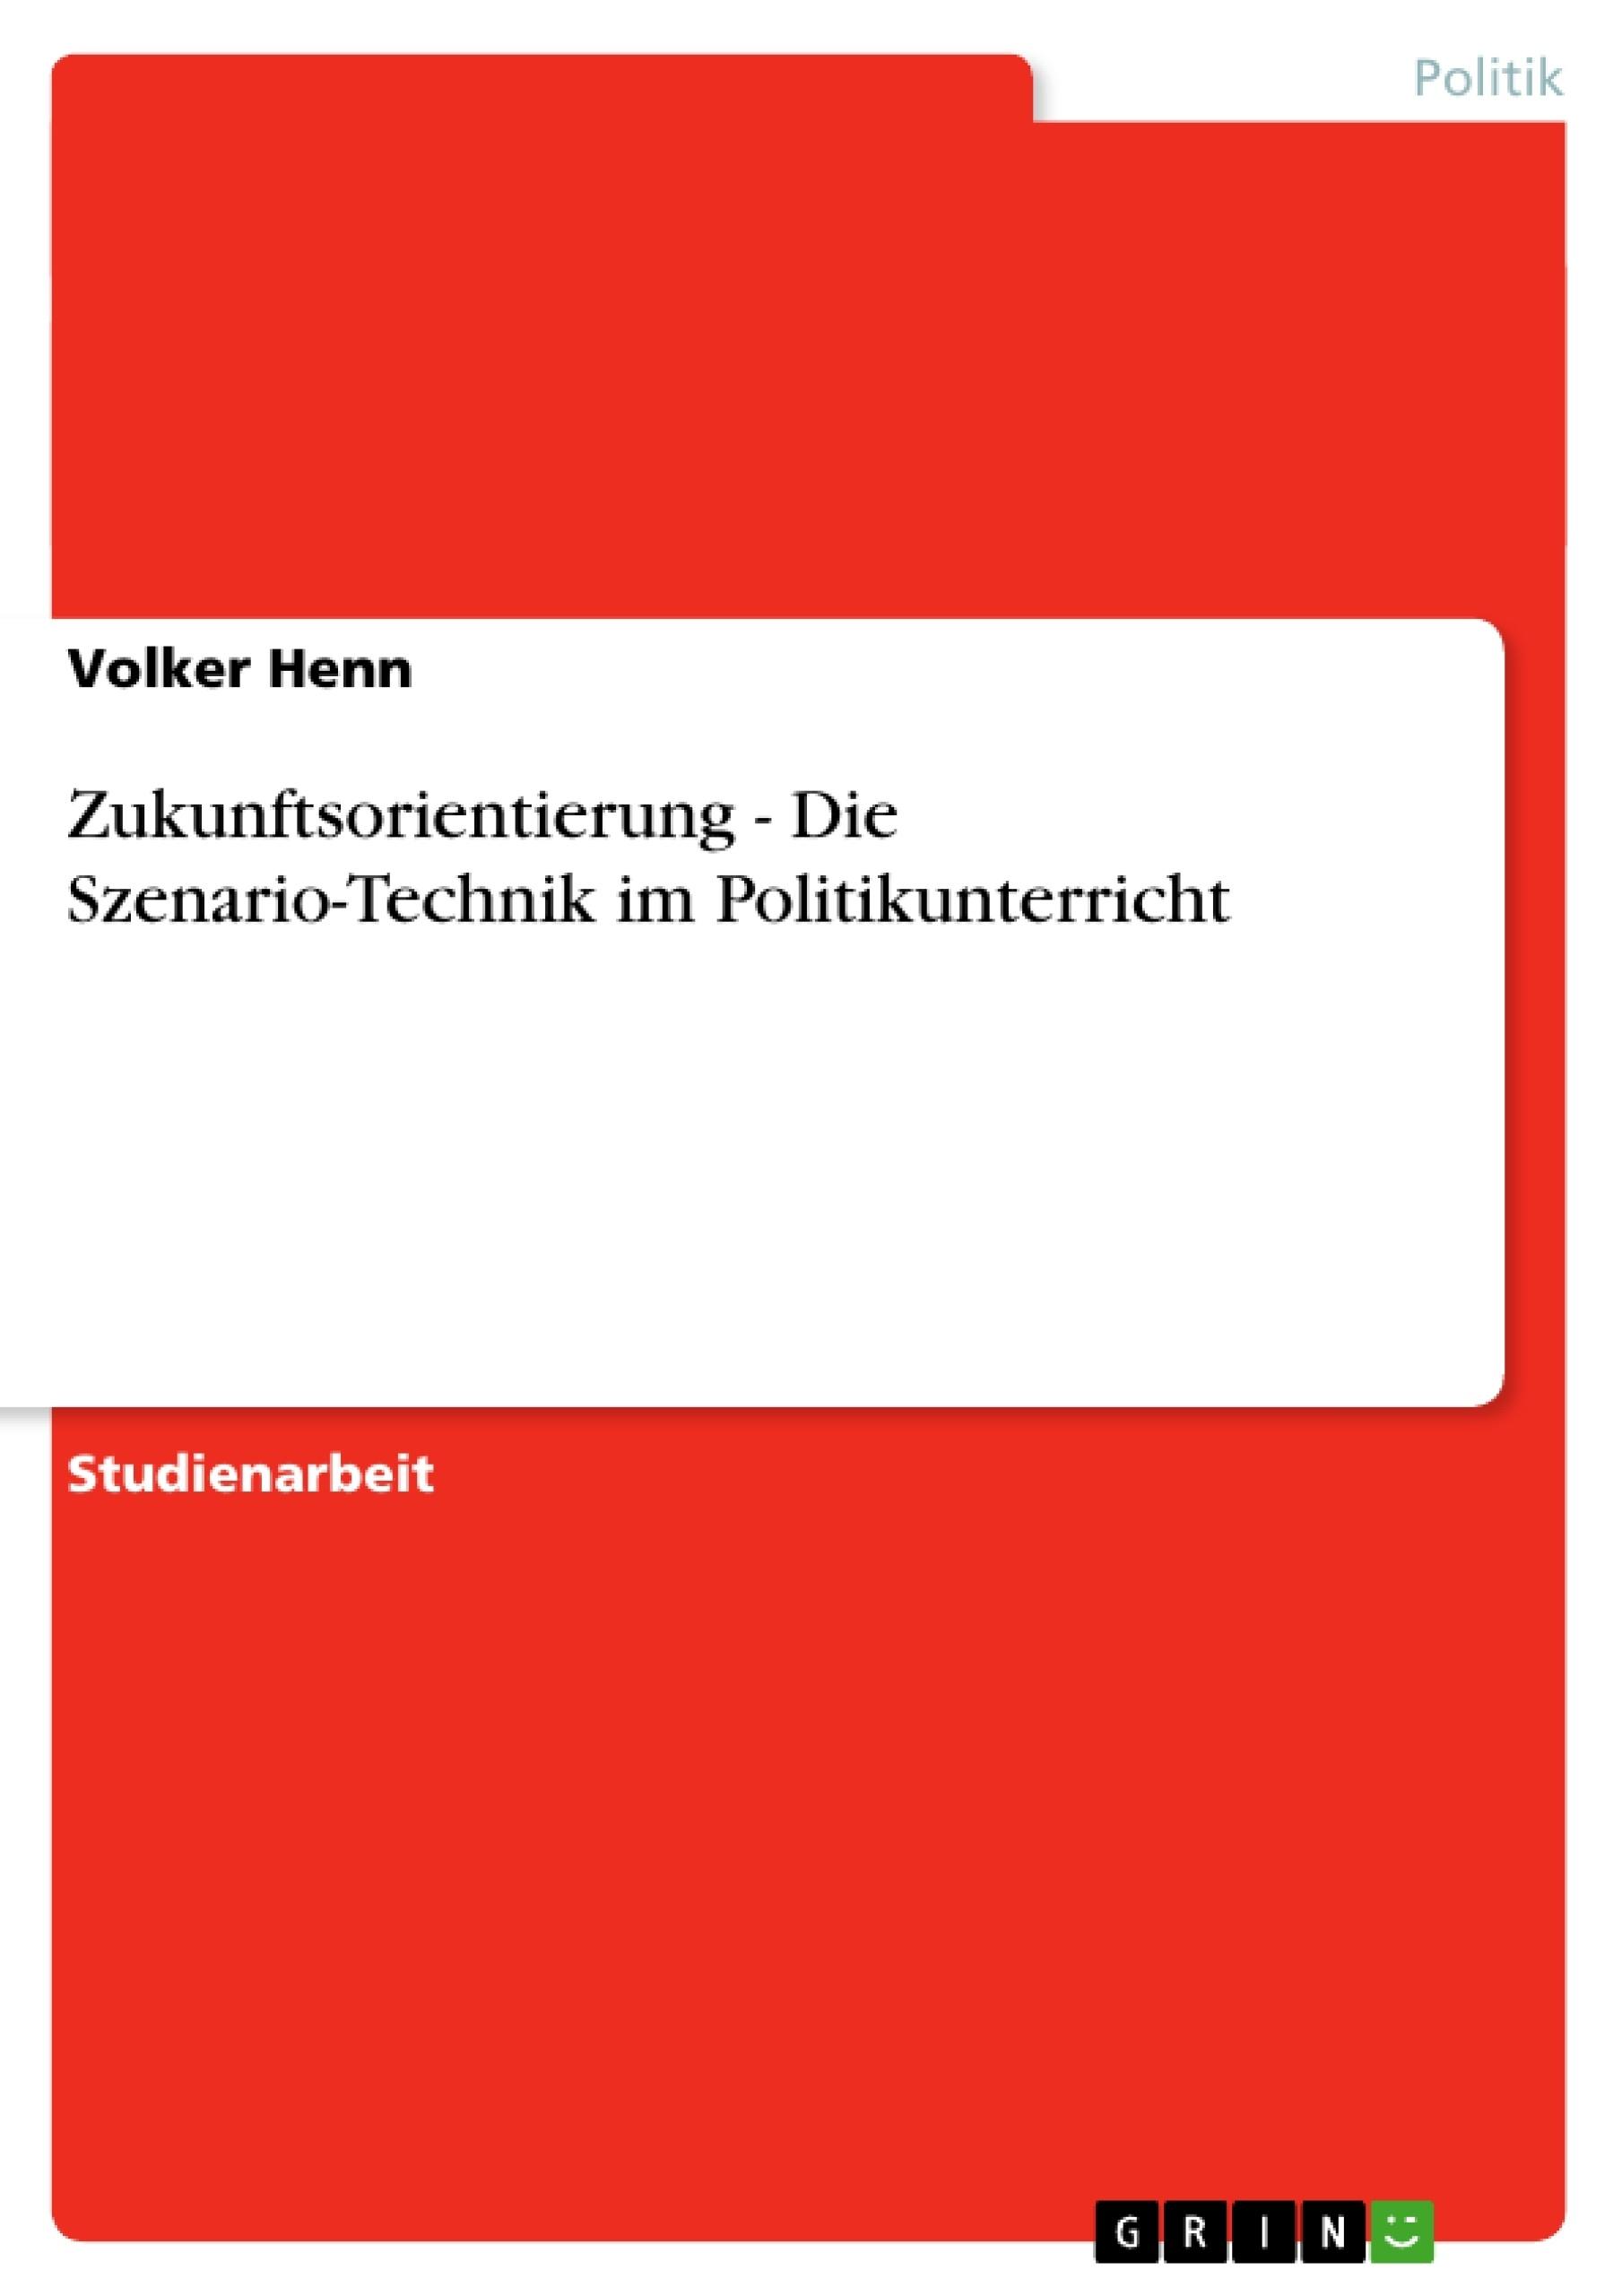 Titel: Zukunftsorientierung - Die Szenario-Technik im Politikunterricht